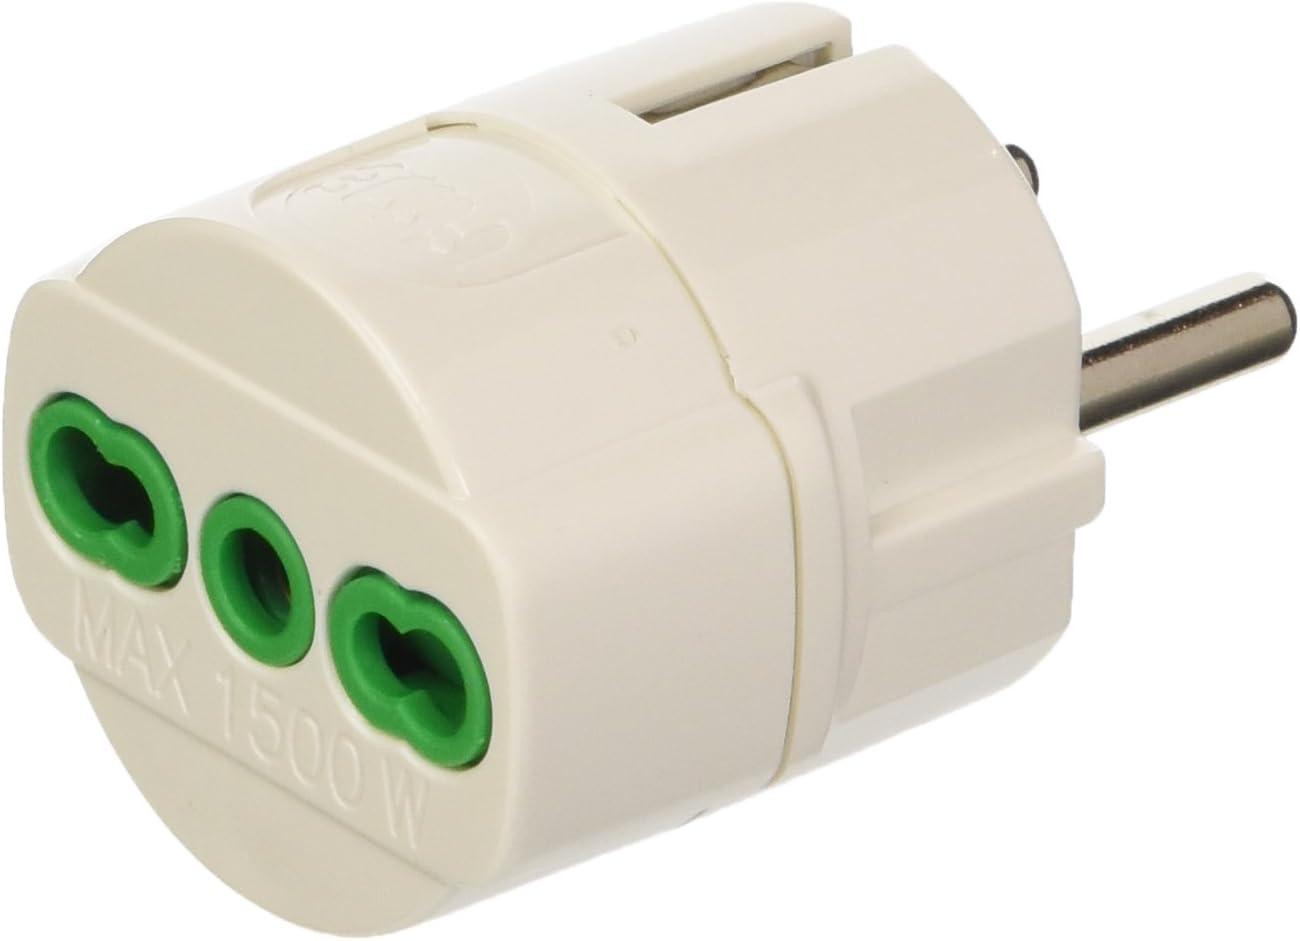 FANTON 81090 - Adaptador de Enchufe eléctrico -: Amazon.es: Bricolaje y herramientas